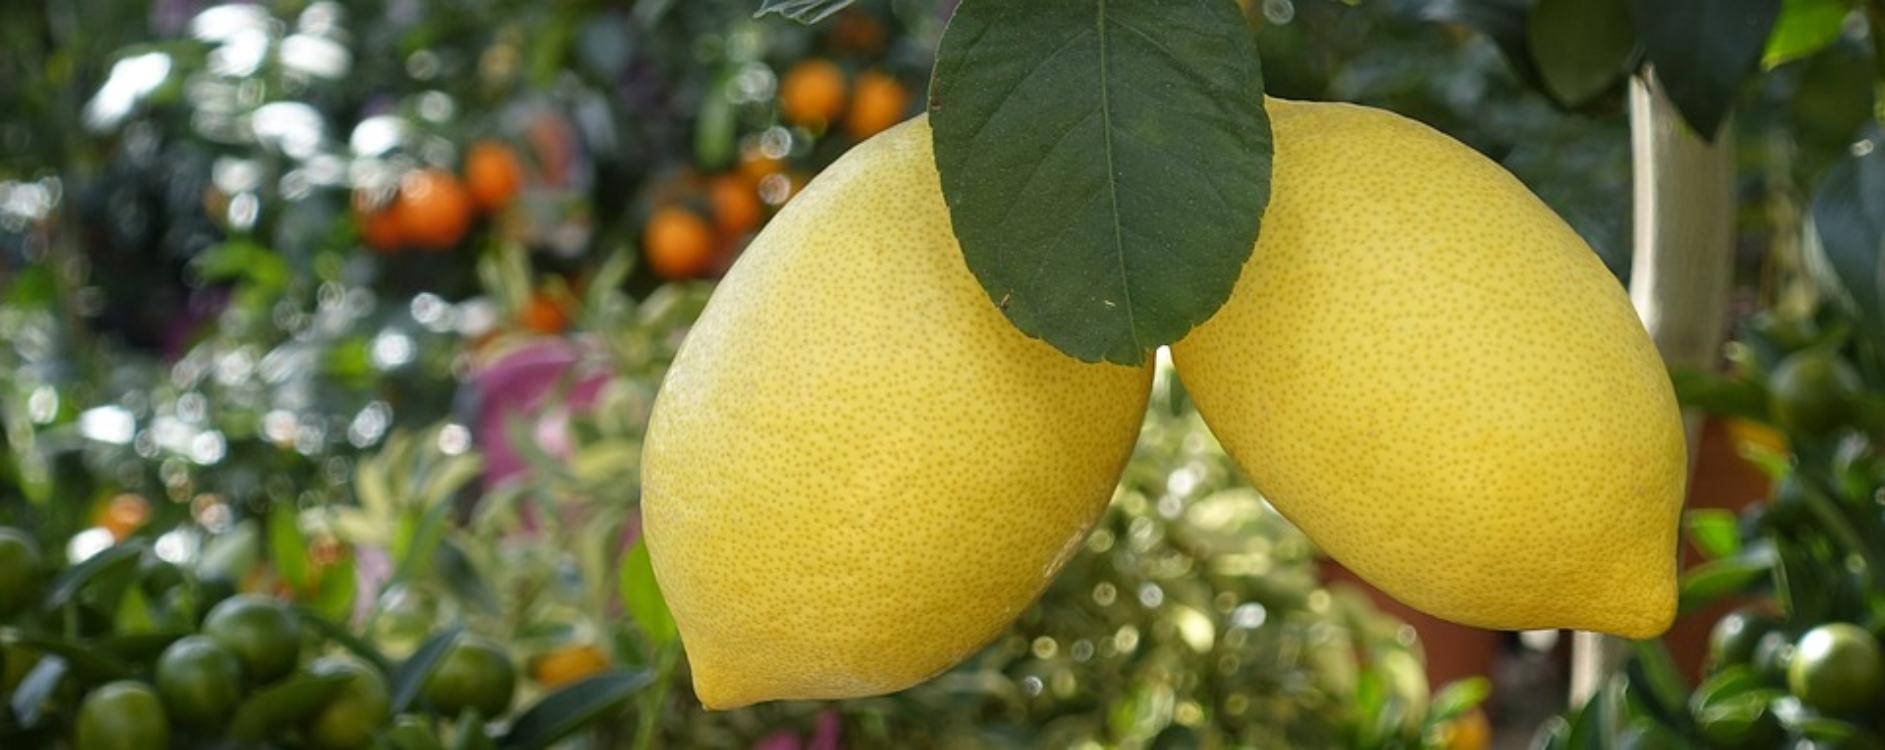 Coloquei umas gotas de limão no arroz a cozer… e nem imagina o que aconteceu!